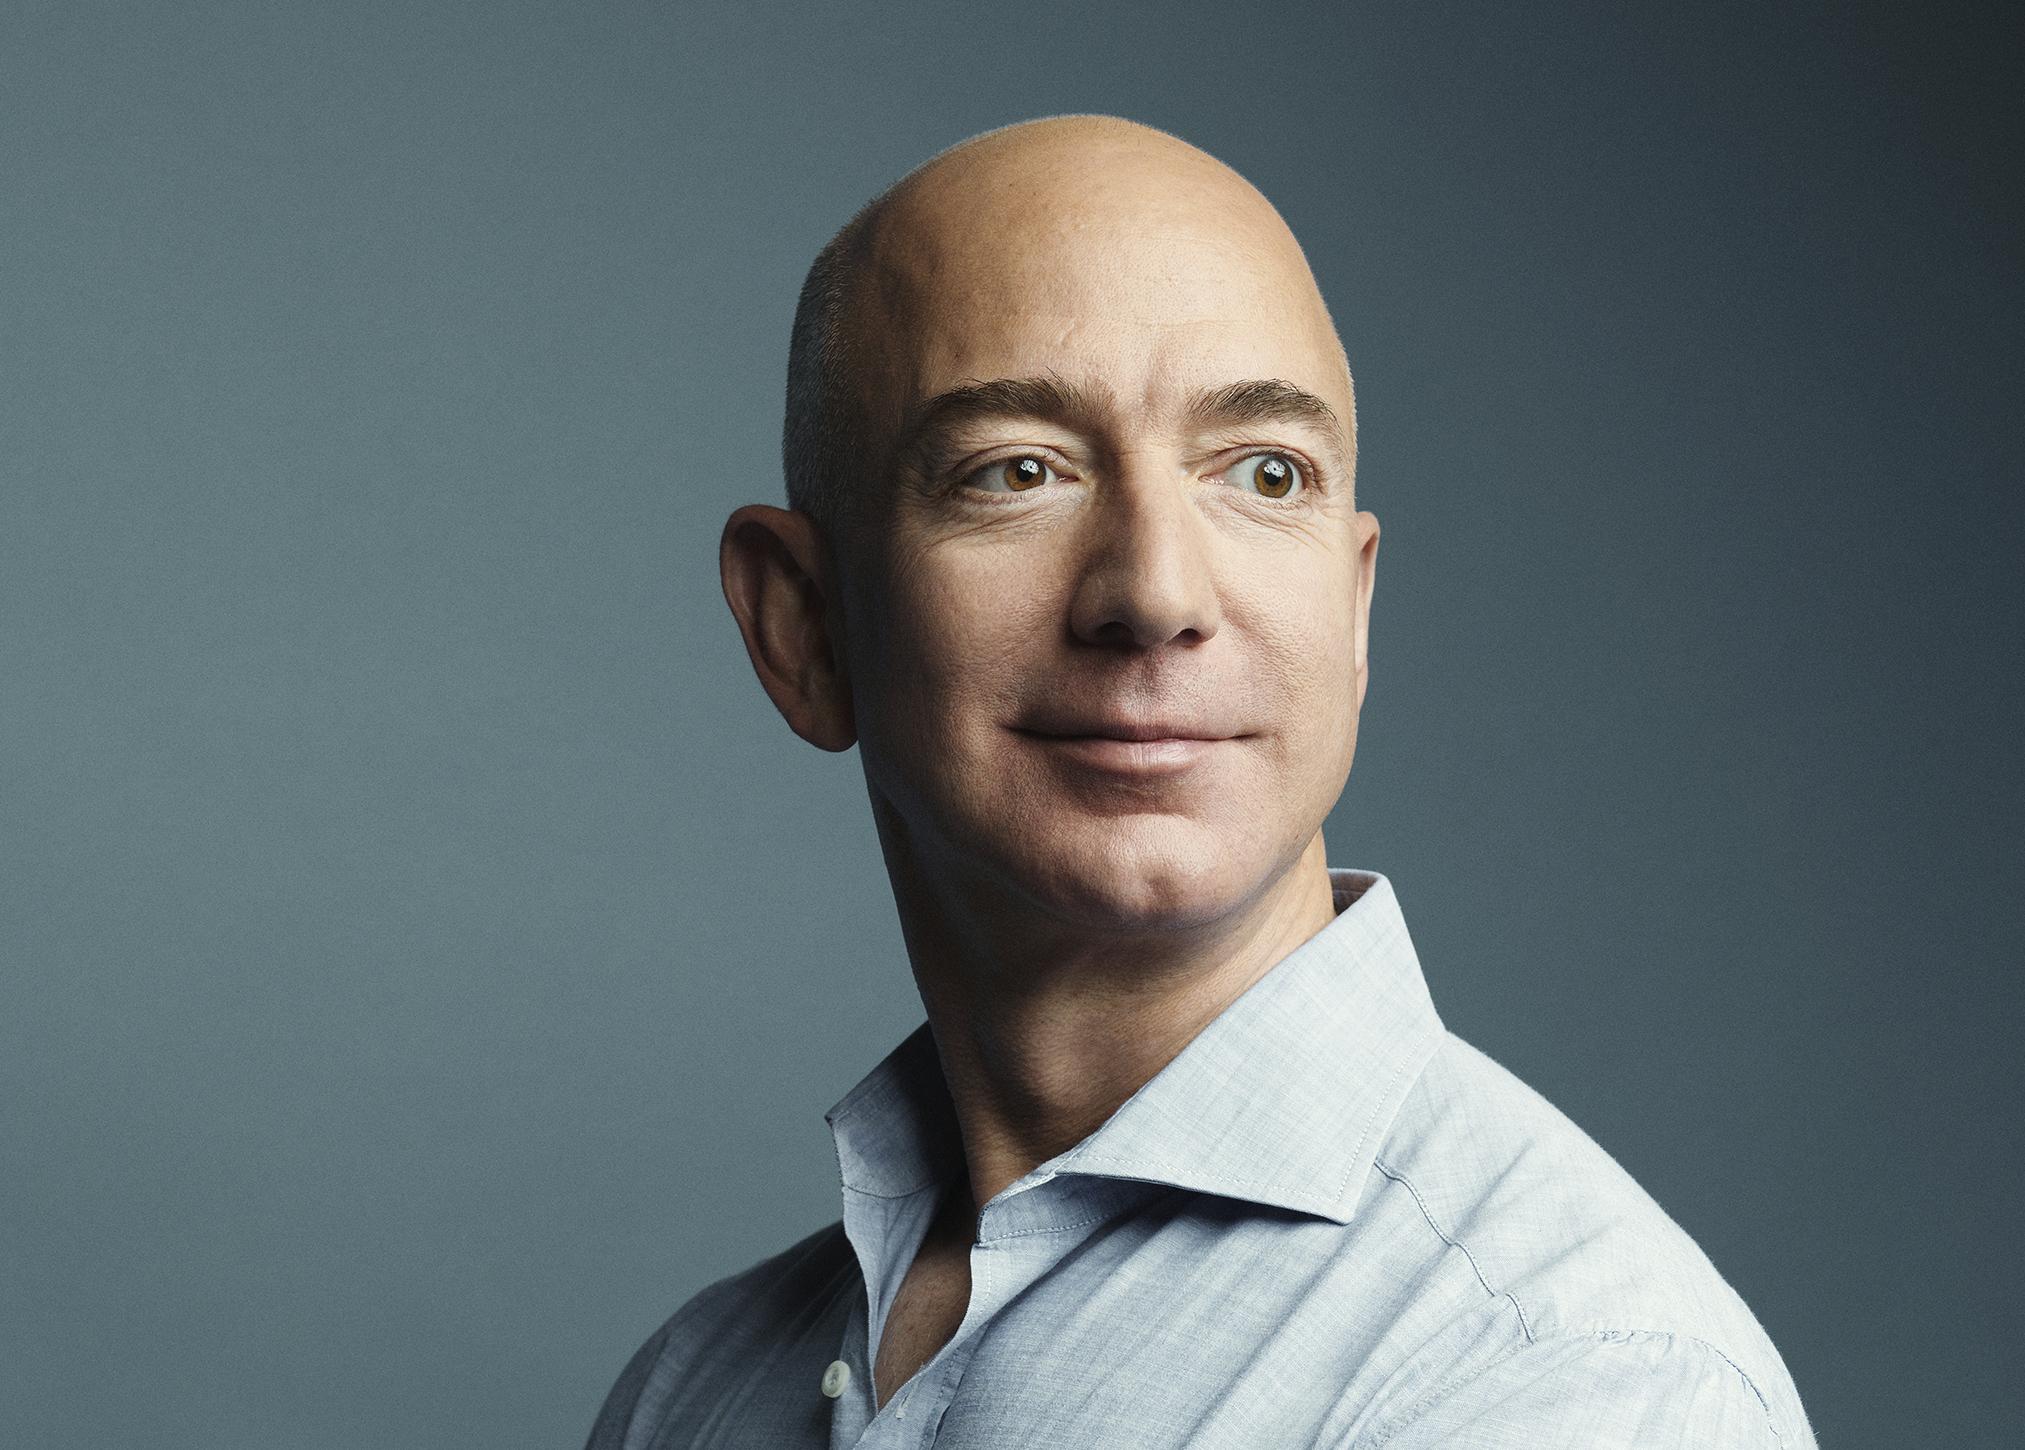 مؤسس أمازون أغنى شخص على كوكب الارض في 2018